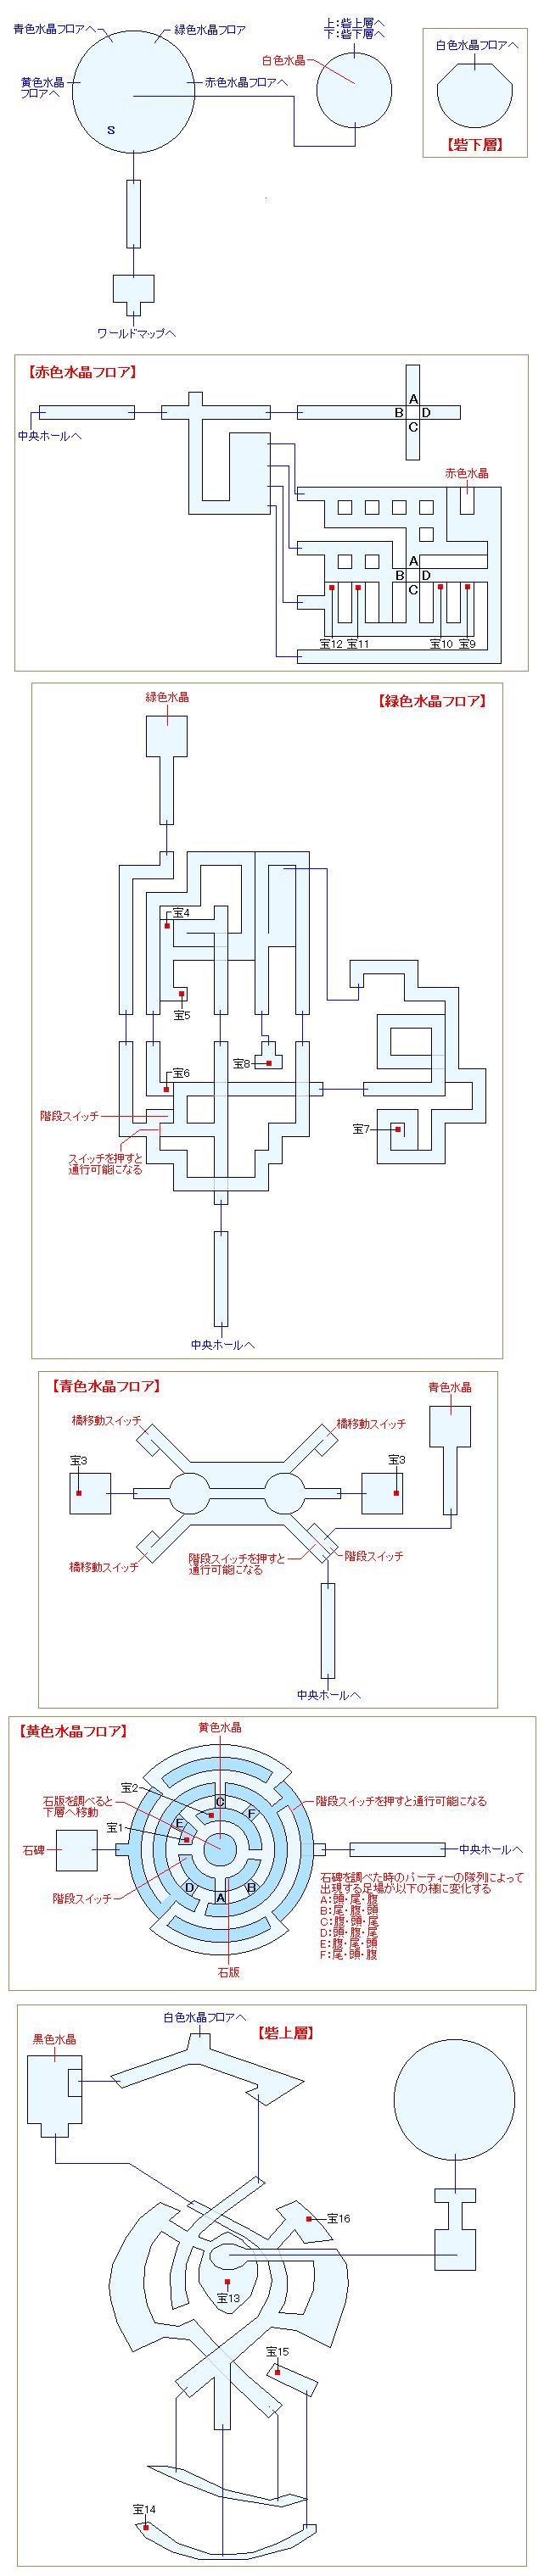 古龍の砦(HOME)マップ画像